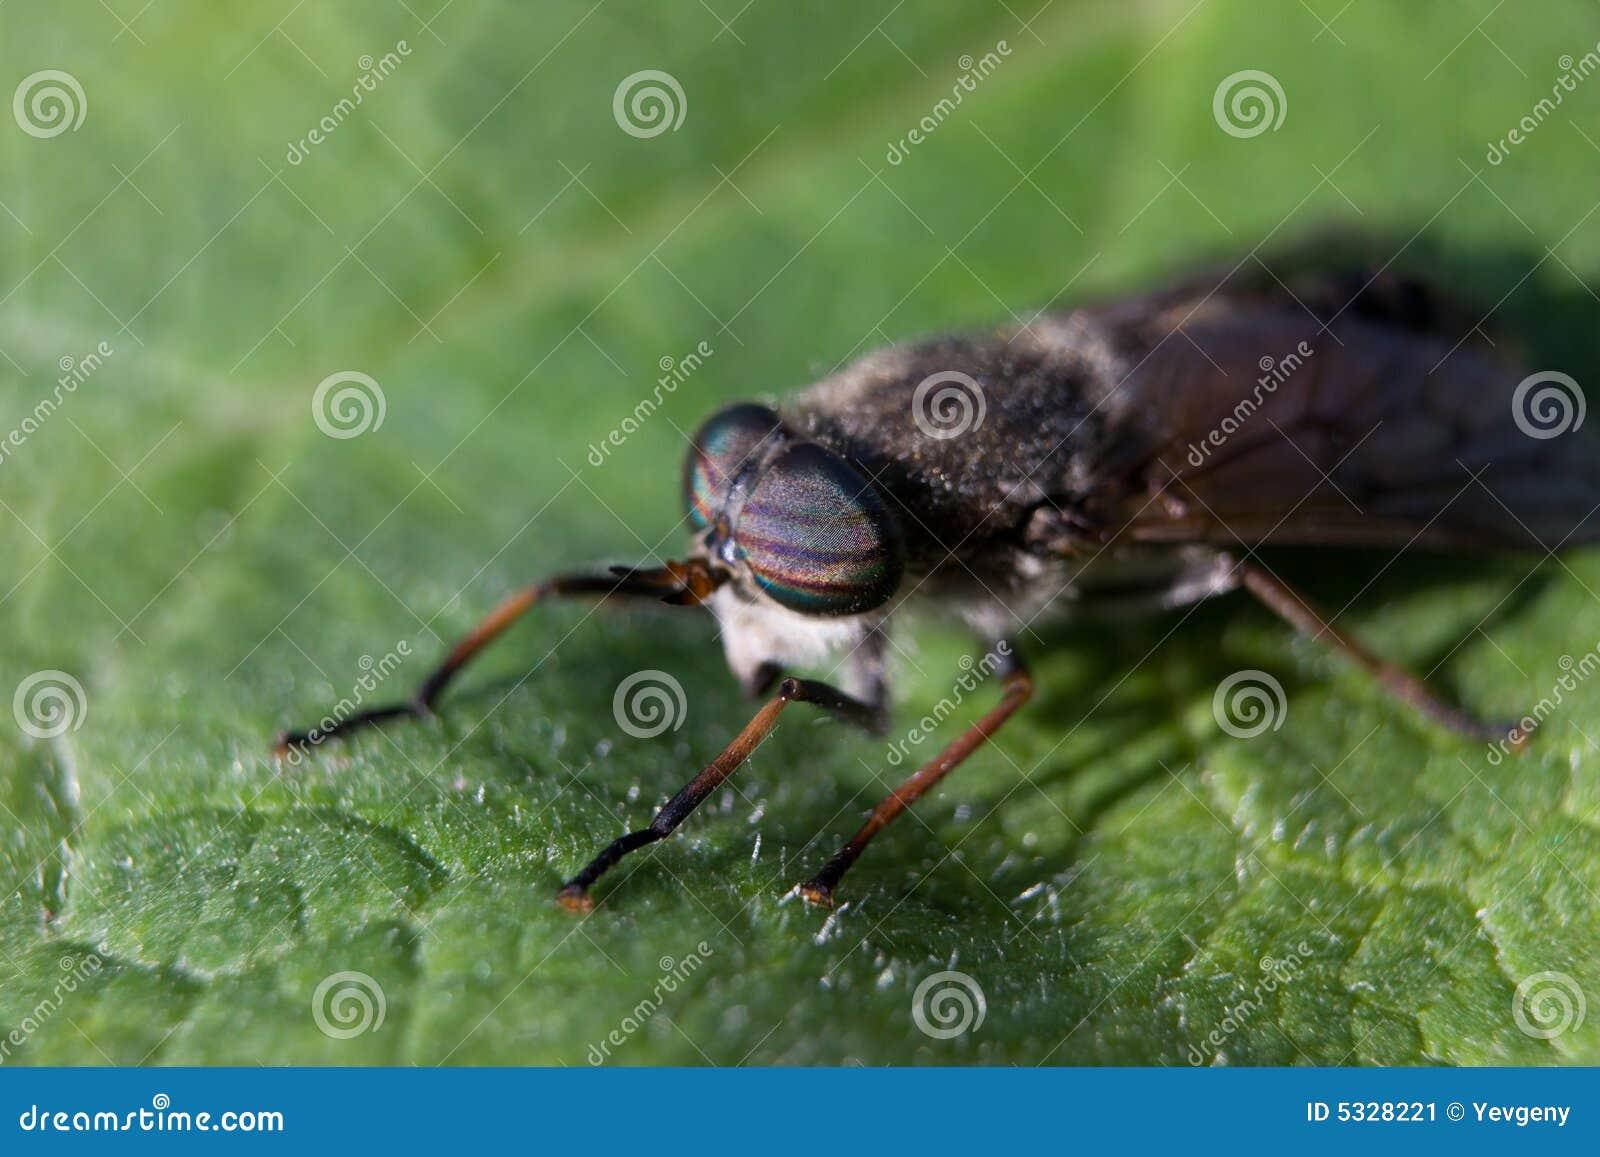 pferden fliegen insekt stockbild bild von gespenstisch 5328221. Black Bedroom Furniture Sets. Home Design Ideas